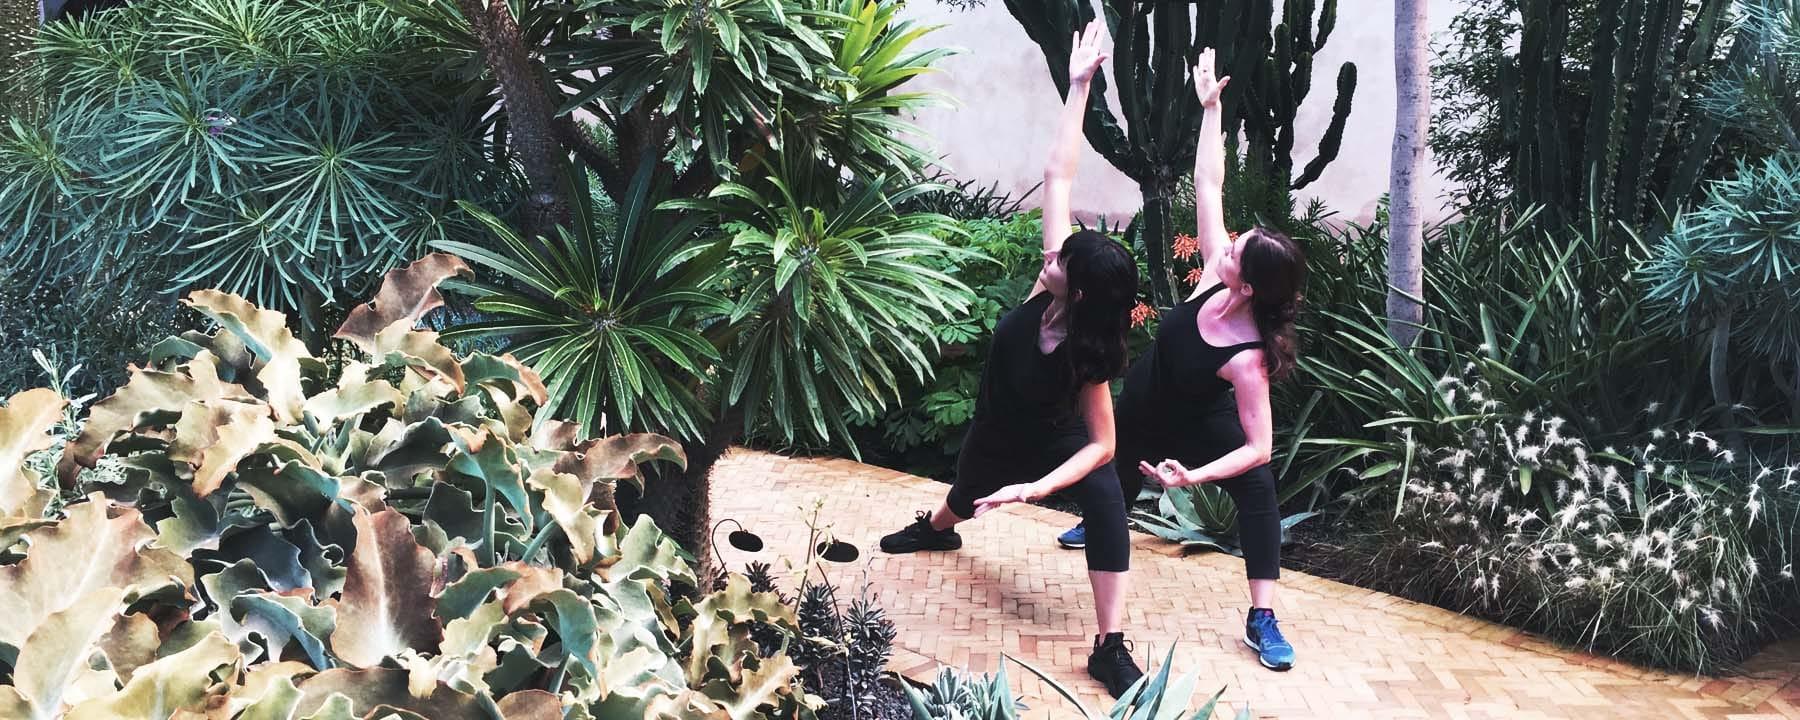 yoga-garden-marrakech_source-nosade